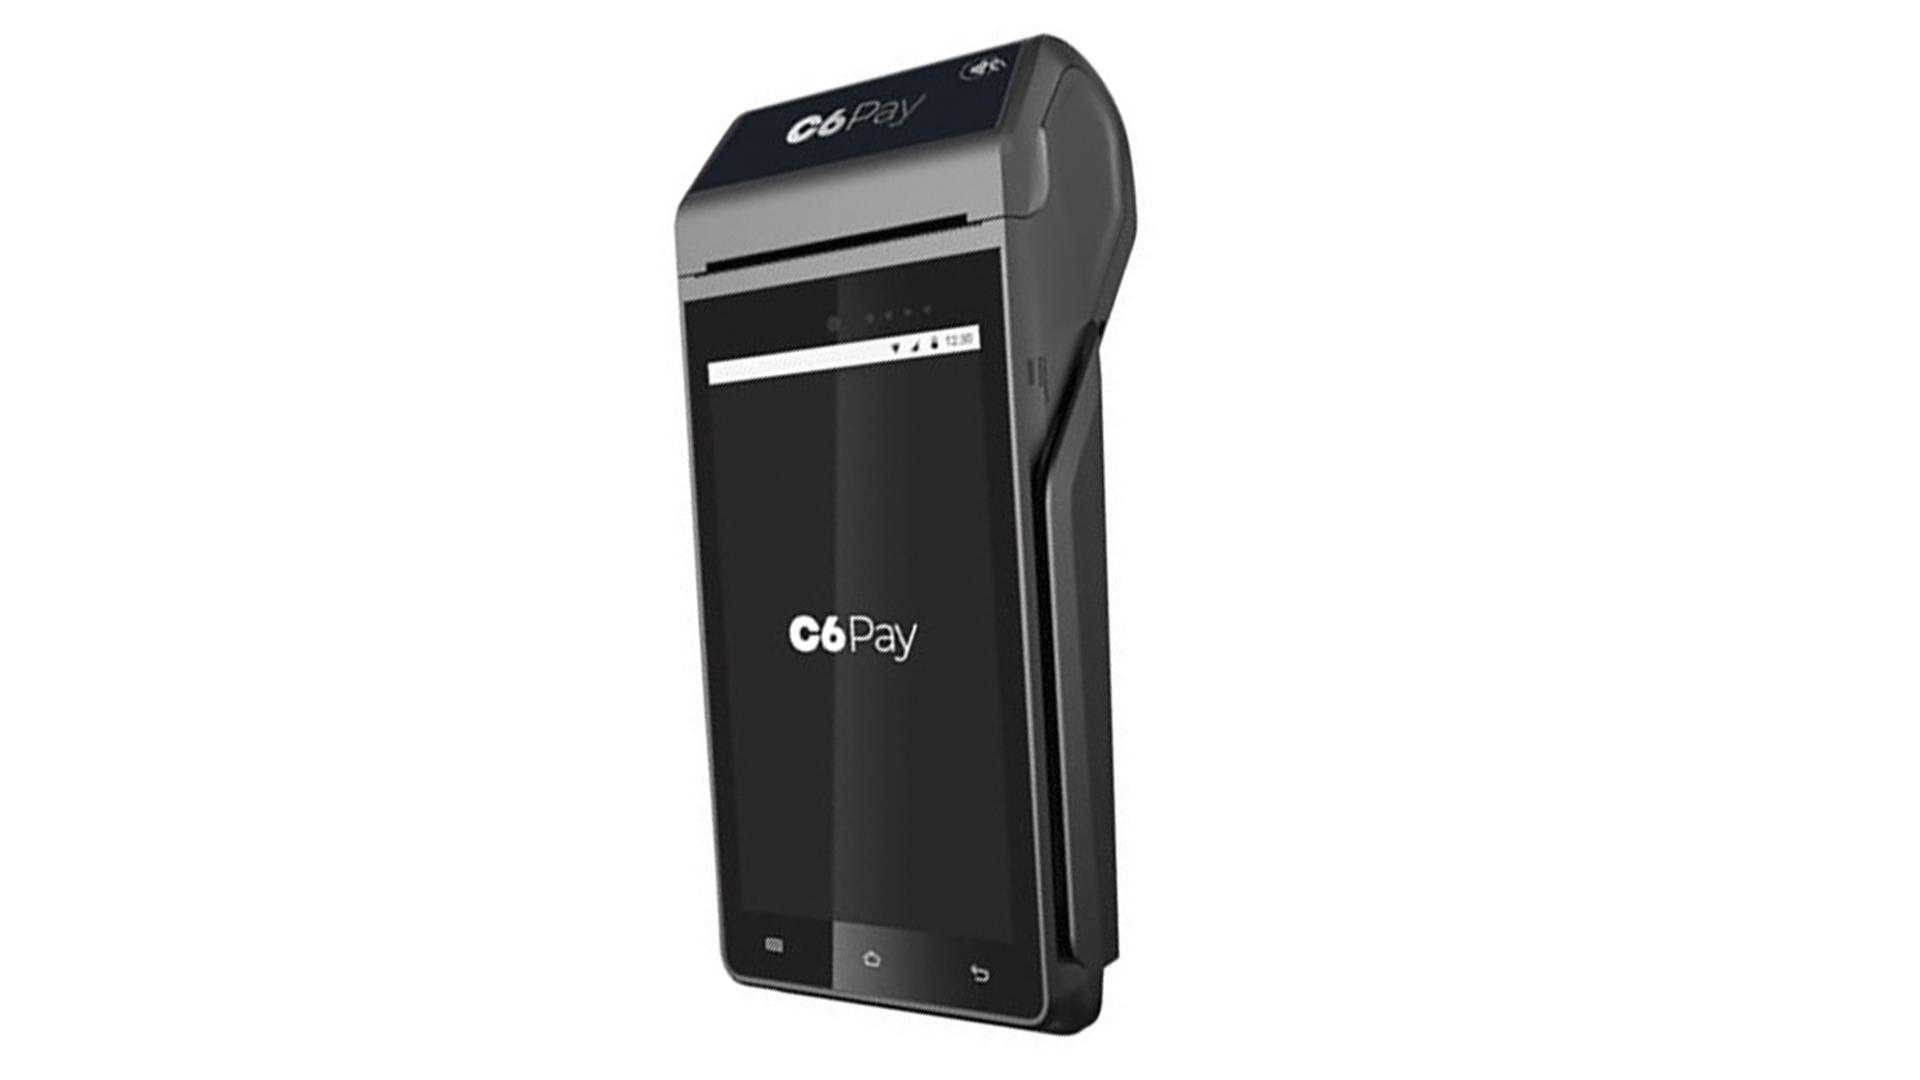 Maquininha C6Pay Smart